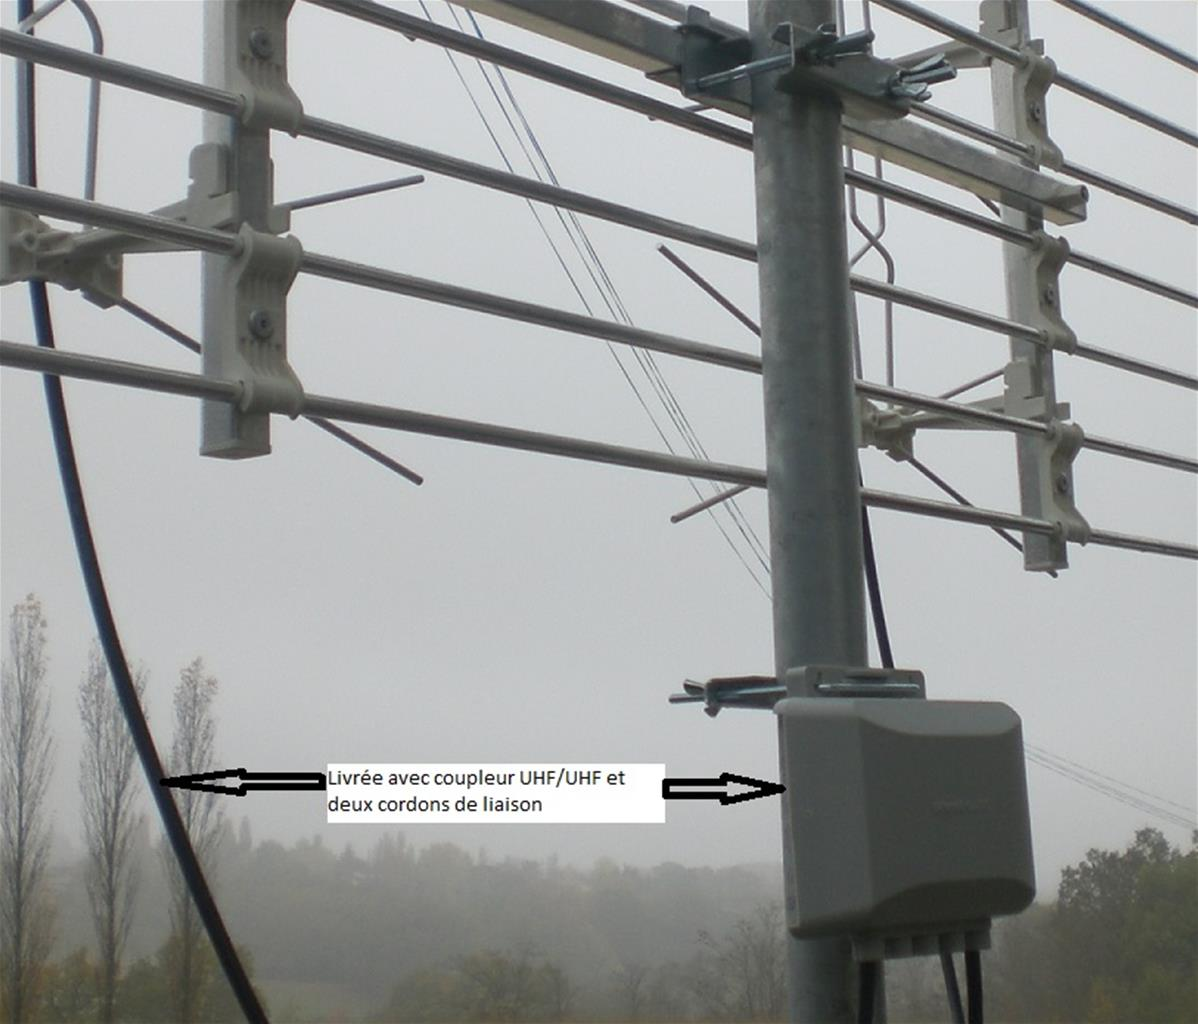 Antenne UHF double panneaux 458PL Emme Esse